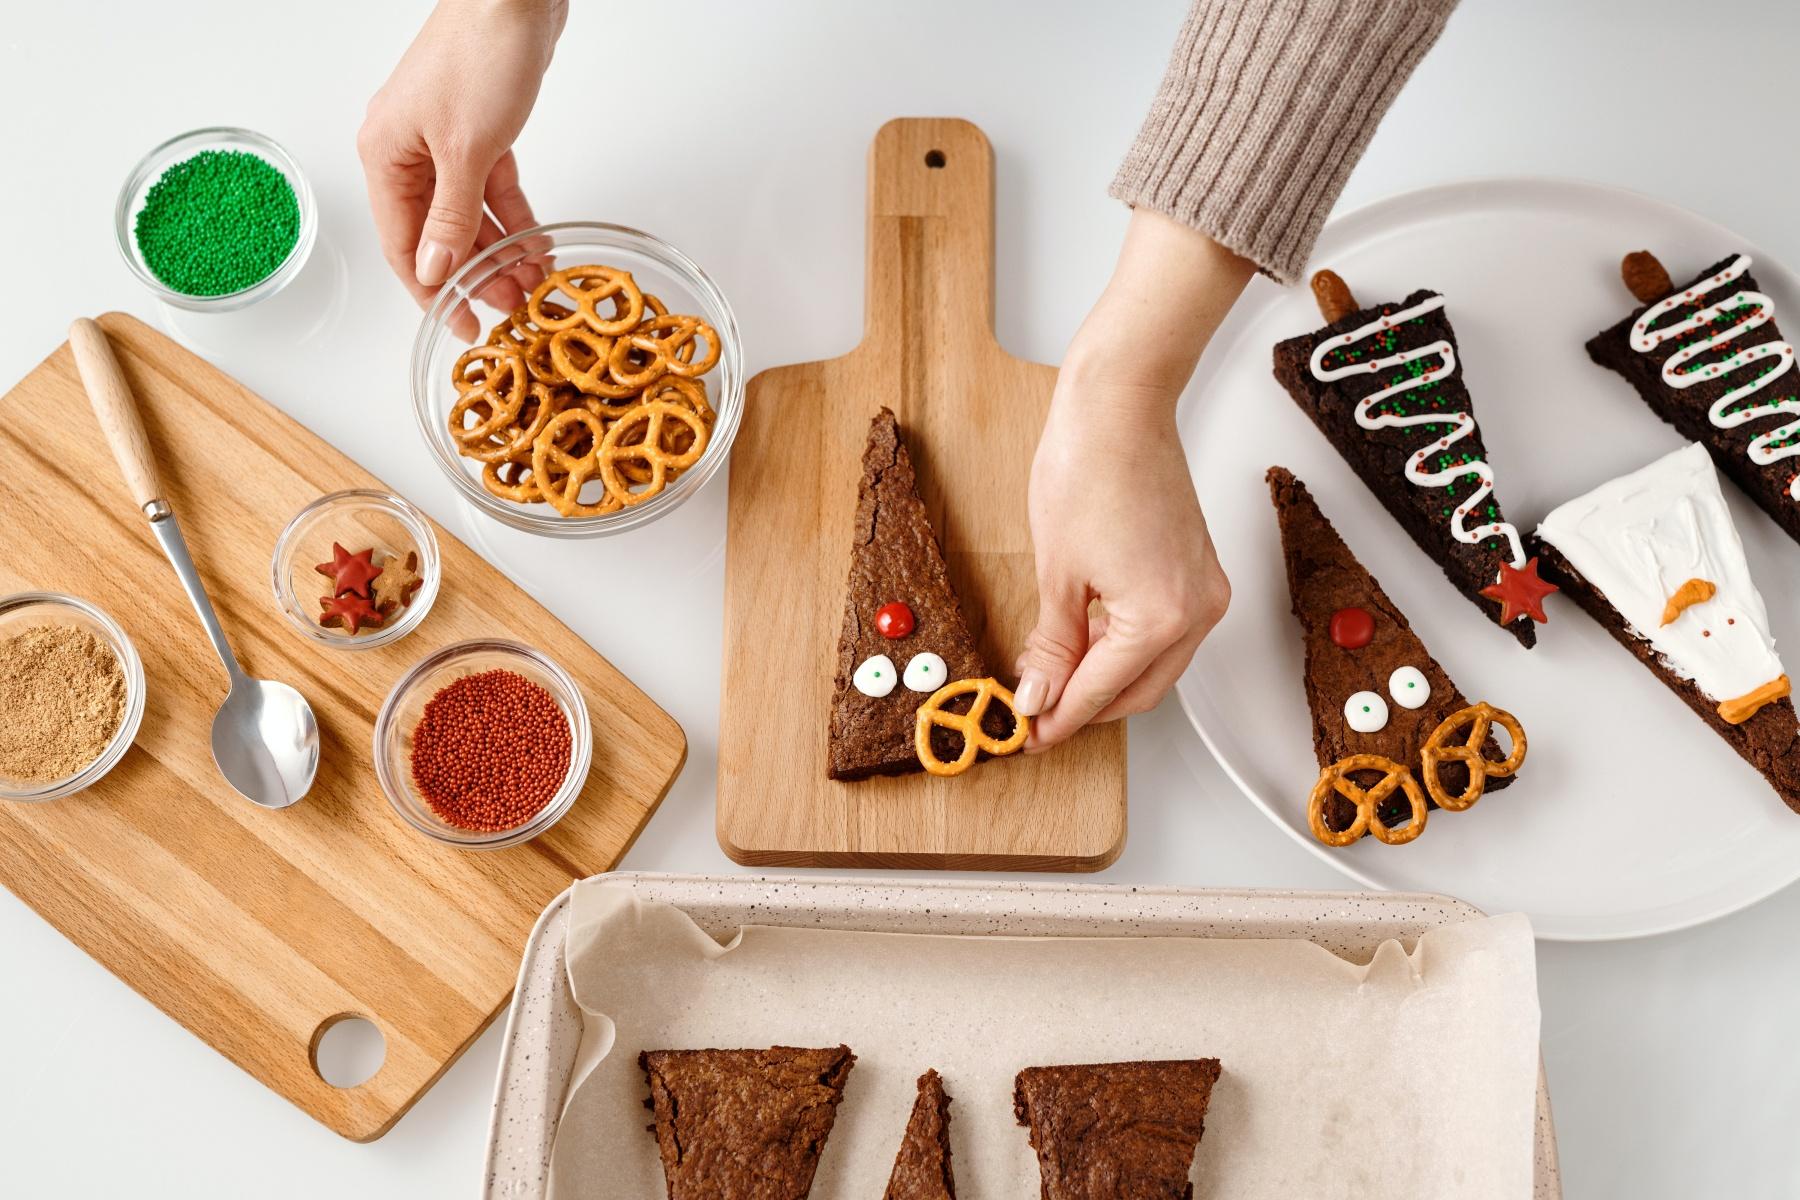 【台南做蛋糕推薦】零失敗手作蛋糕自己做!精選6間台南DIY蛋糕烘焙教室